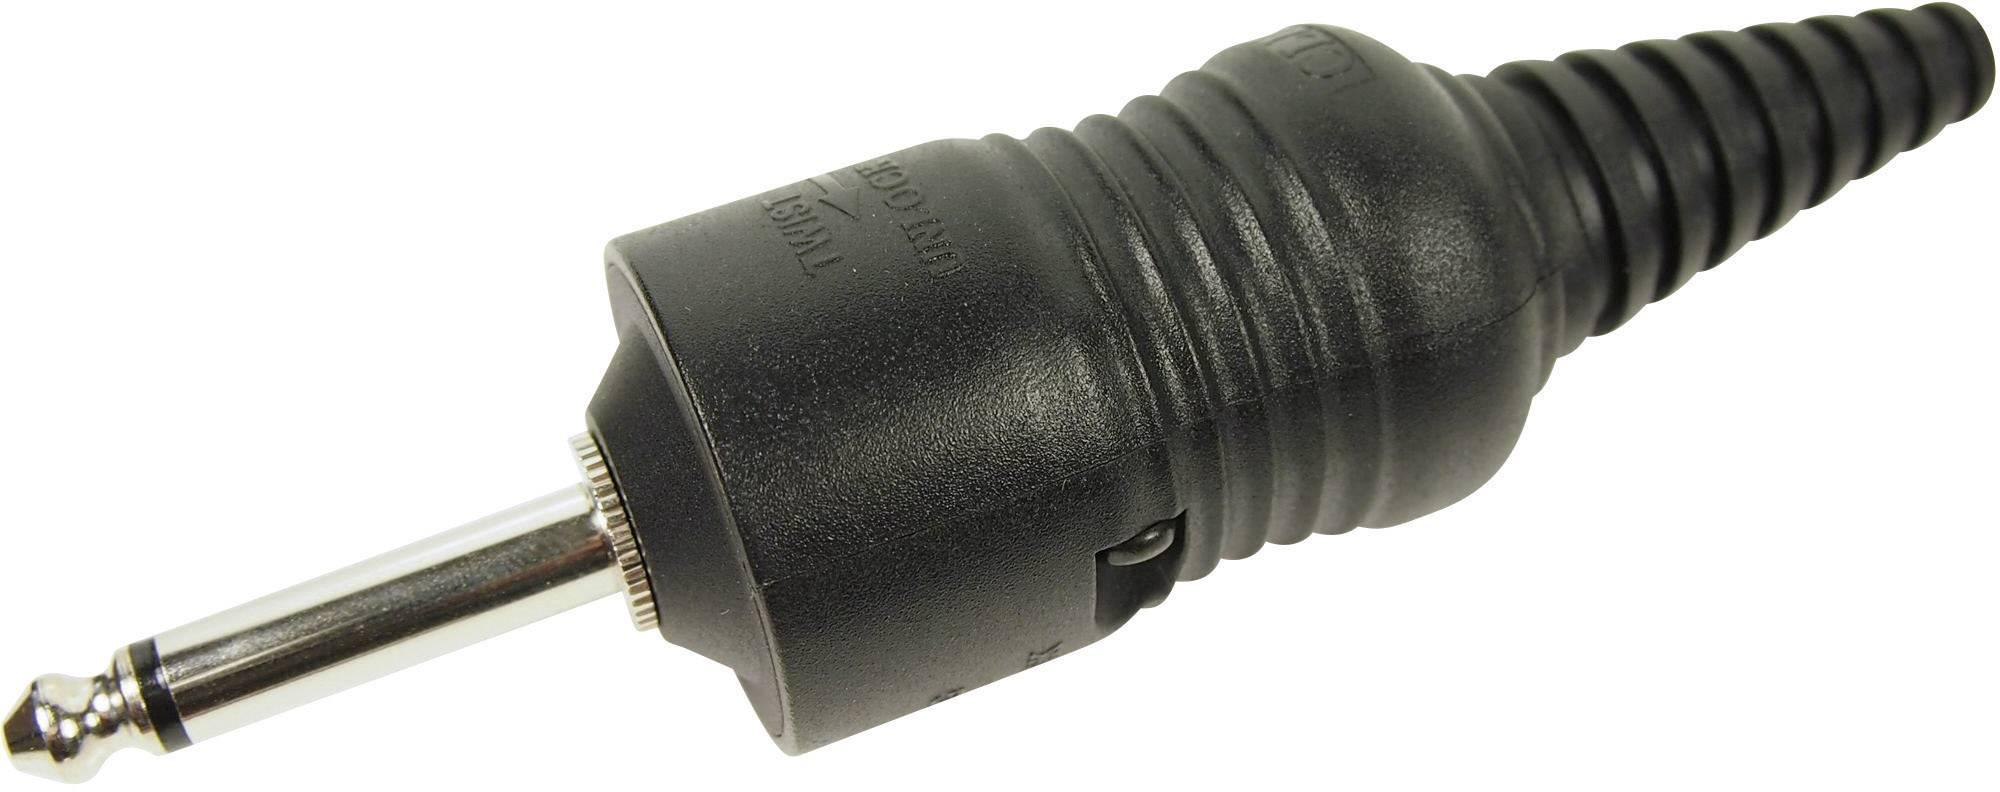 Jack konektor 6,35 mm mono Cliff CL2075, zástrčka rovná, 2pól., černá